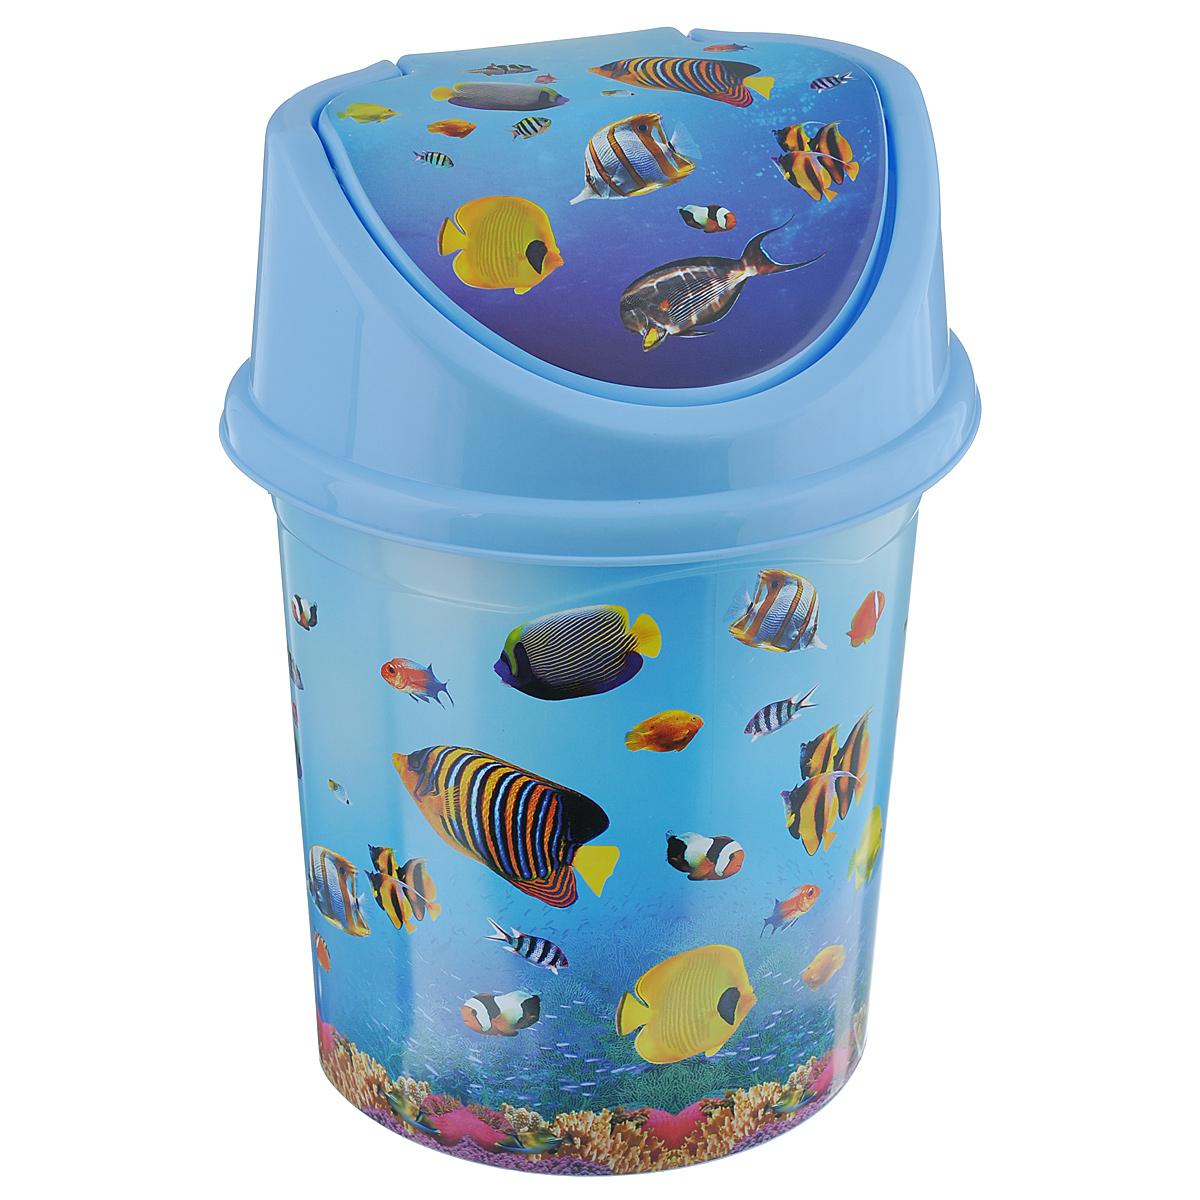 Контейнер для мусора Violet Океан, цвет: голубой, синий, желтый, 4 лRG-D31SКонтейнер для мусора Violet Океан изготовлен из прочного пластика. Контейнер снабжен удобной съемной крышкой с подвижной перегородкой. В нем удобно хранить мелкий мусор. Благодаря яркому дизайну такой контейнер идеально впишется в интерьер и дома, и офиса.Размер изделия: 16 см x 20 см x 27 см.